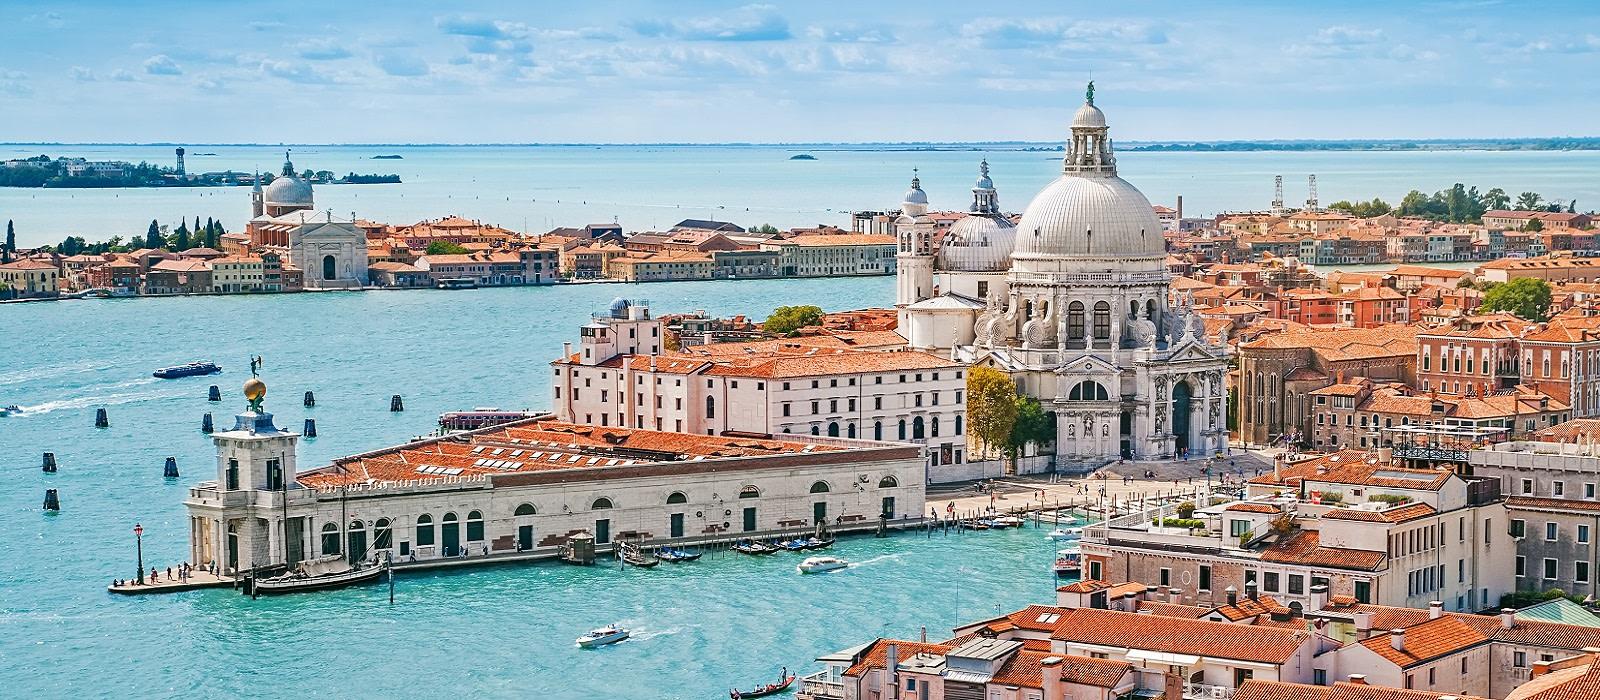 Italien Urlaub - Panorama-Luftaufnahme der Stadtlandschaft von Venedig mit der Kirche Santa Maria della Salute, Venetien, Italien